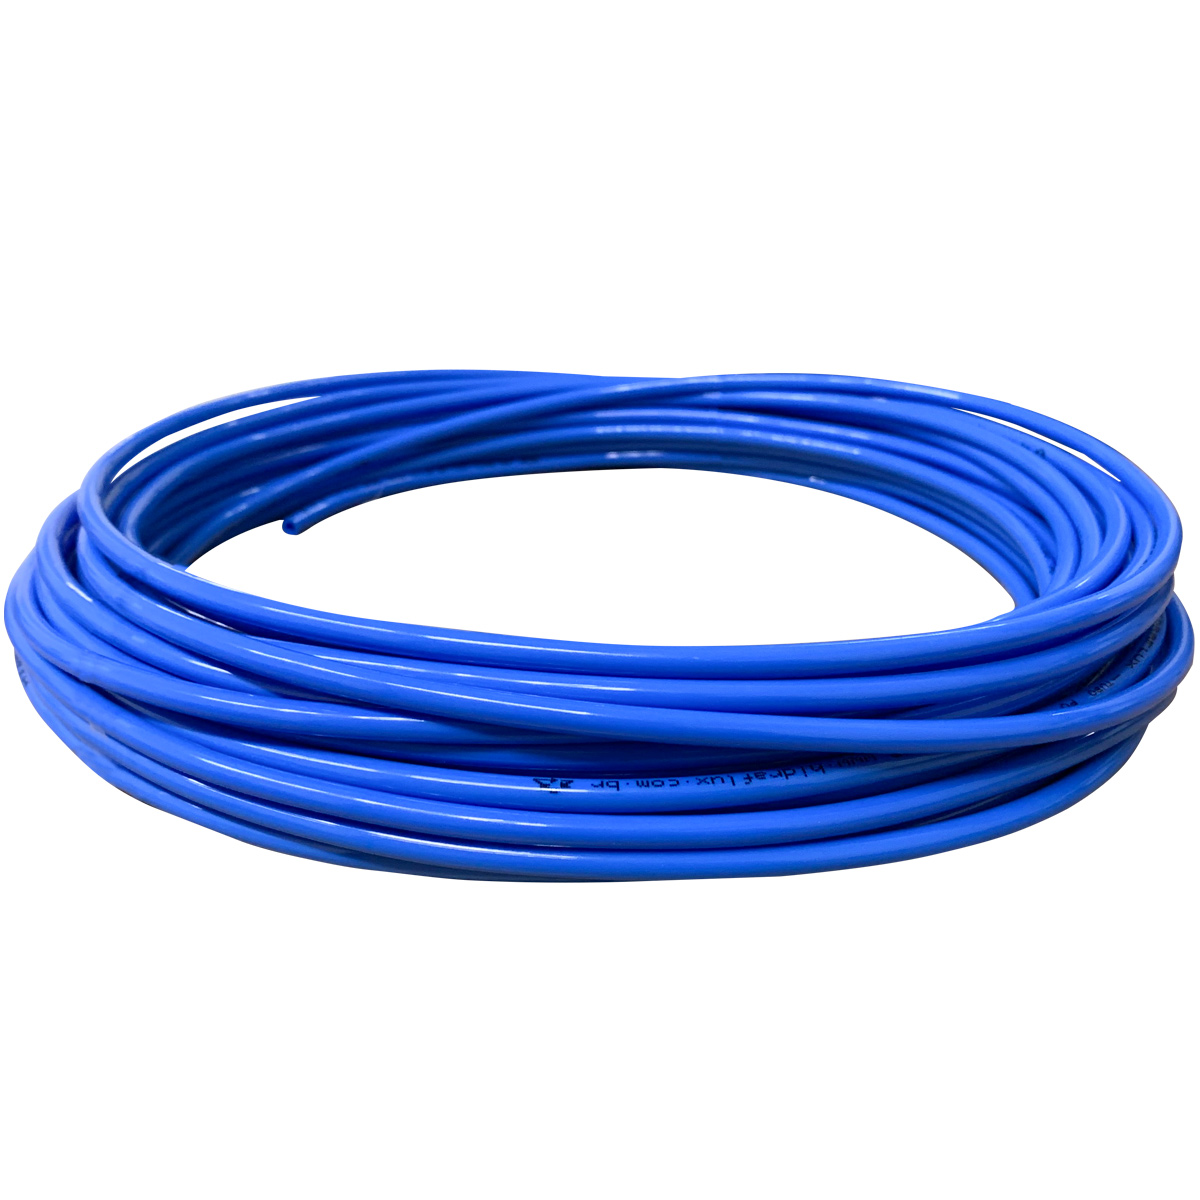 Mangueira Pneumática De Poliuretano (pu) Tubo 10mm Azul - 1 Metro